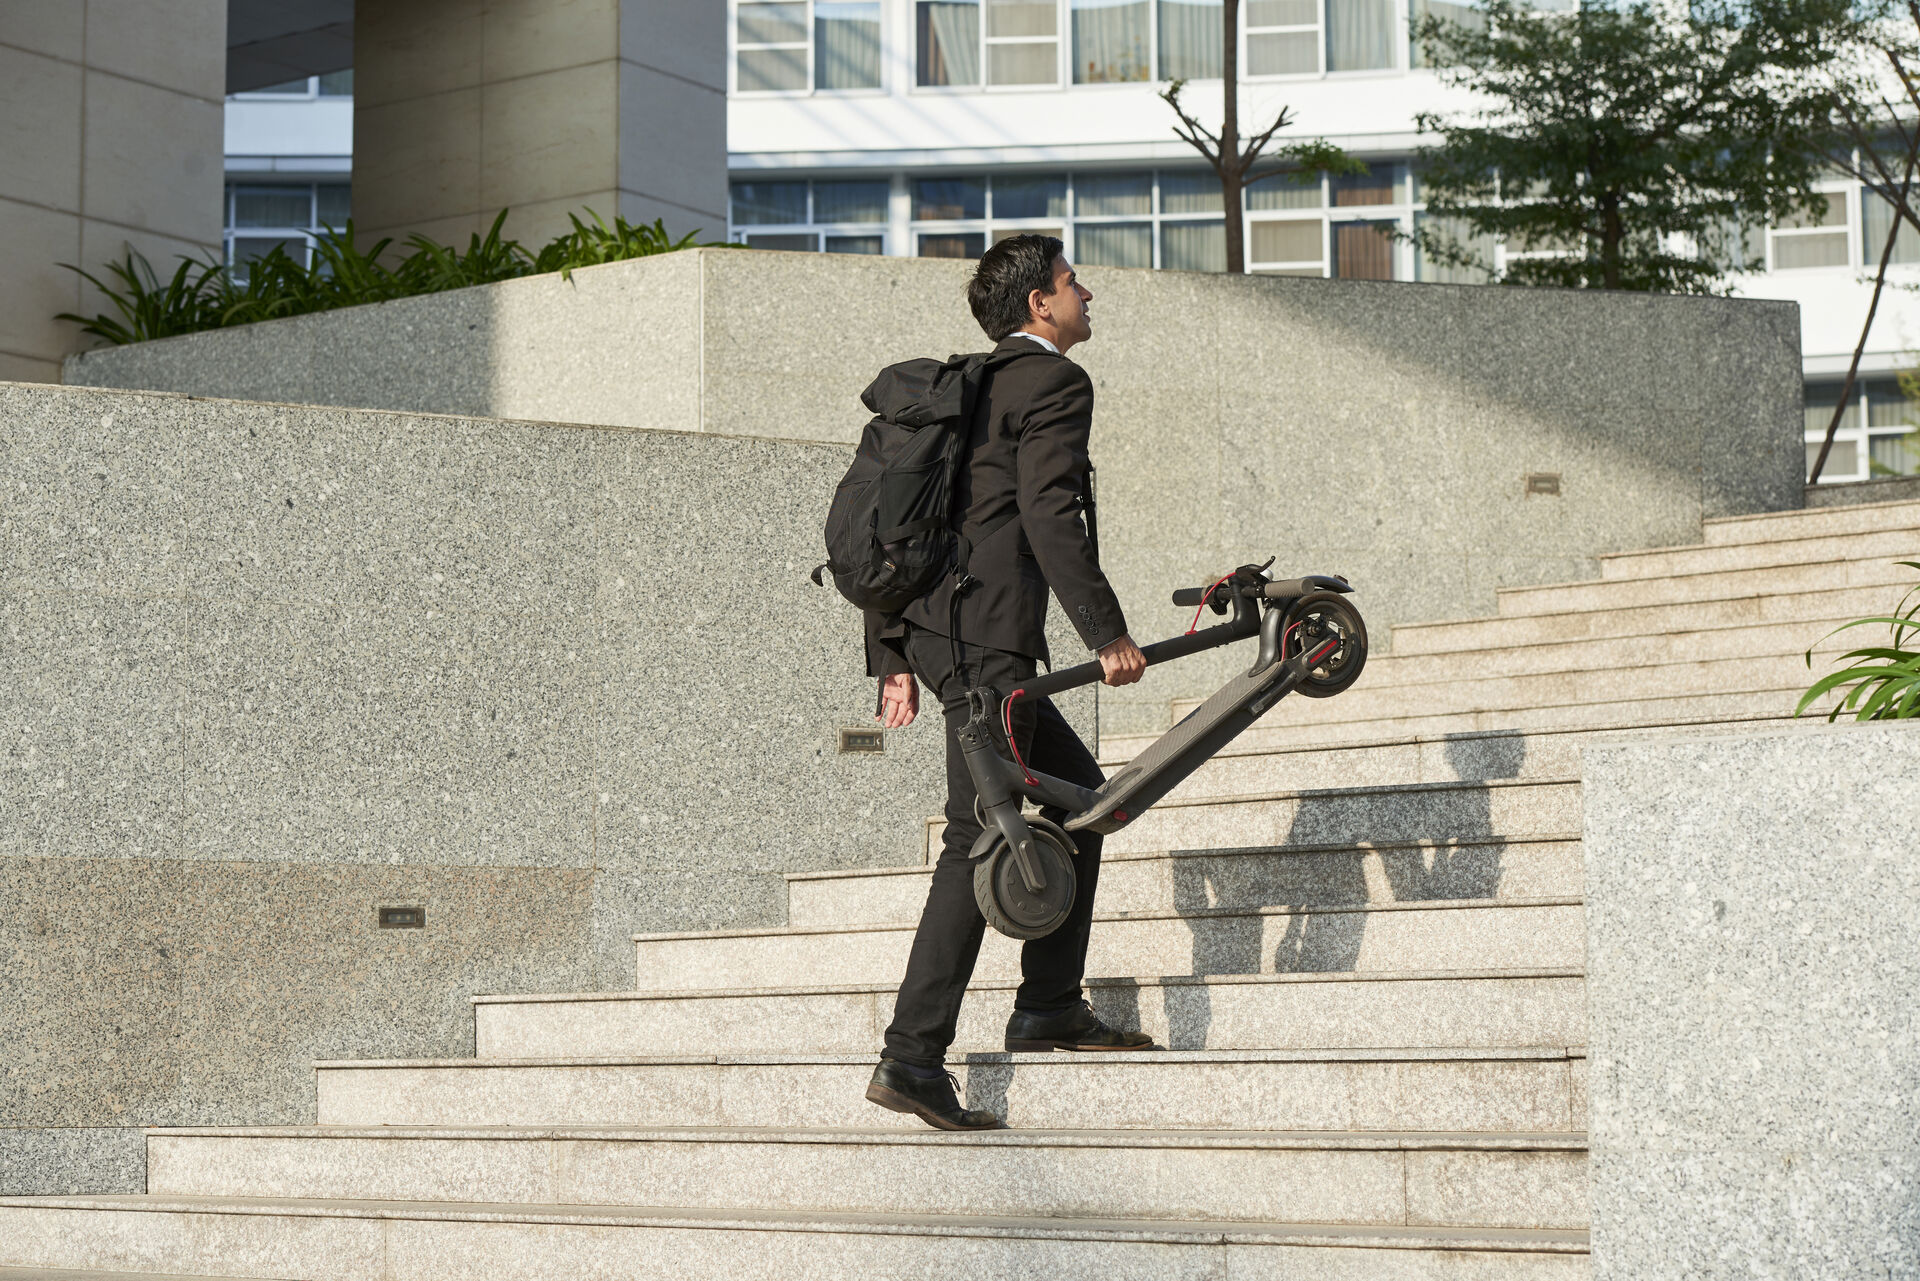 Mann läuft treppauf mit zusammengeklapptem Scooter